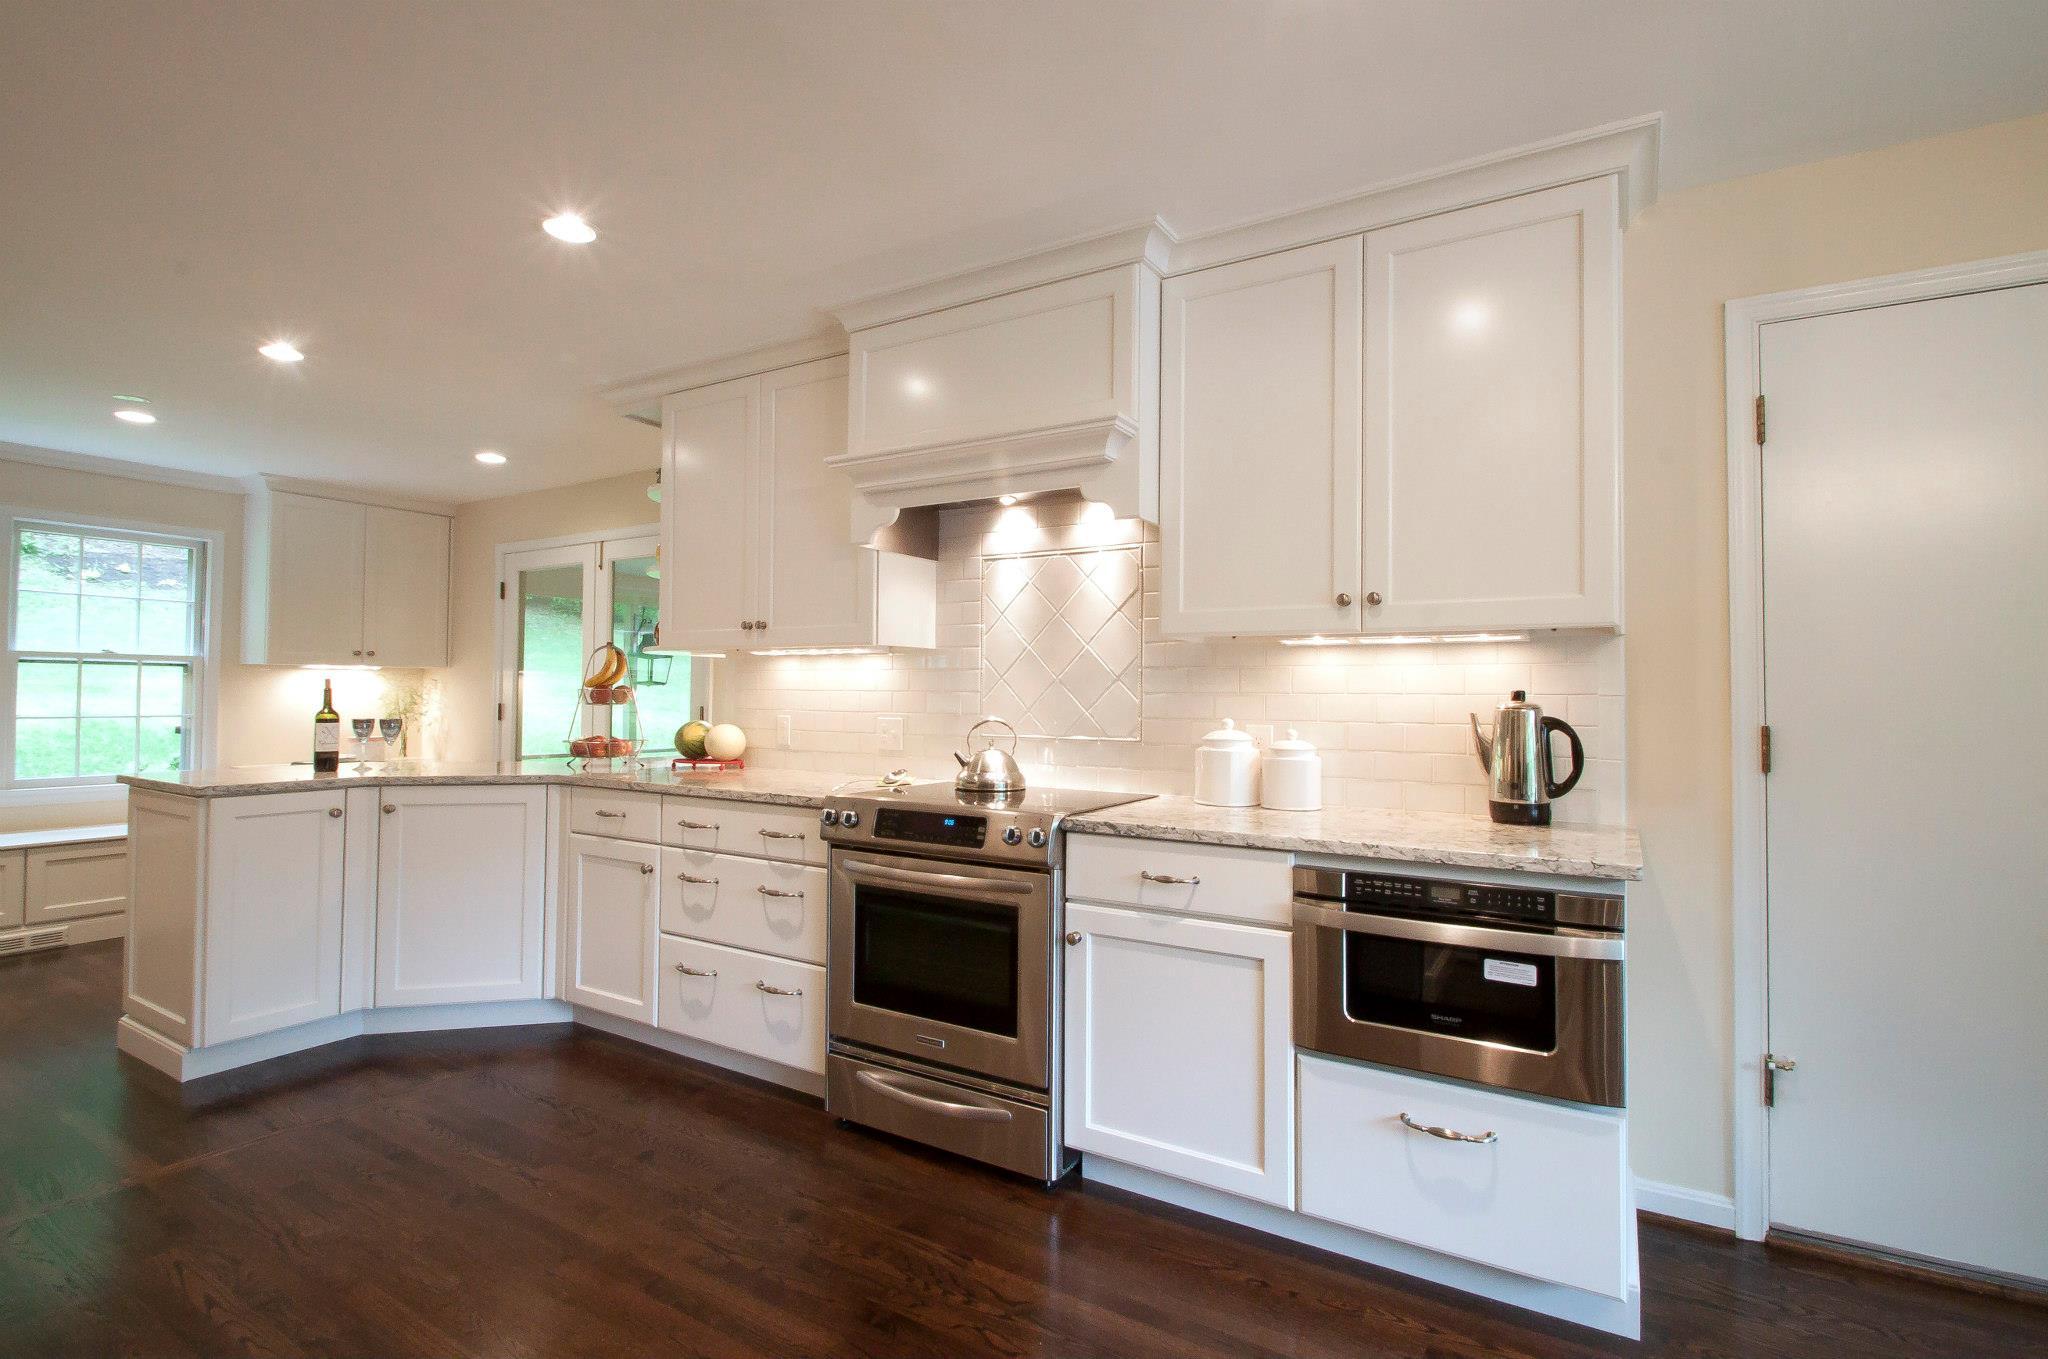 Cambria Praa Sands White Cabinets Backsplash Ideas on Backsplash Ideas For White Cabinets And Black Granite Countertops  id=27794